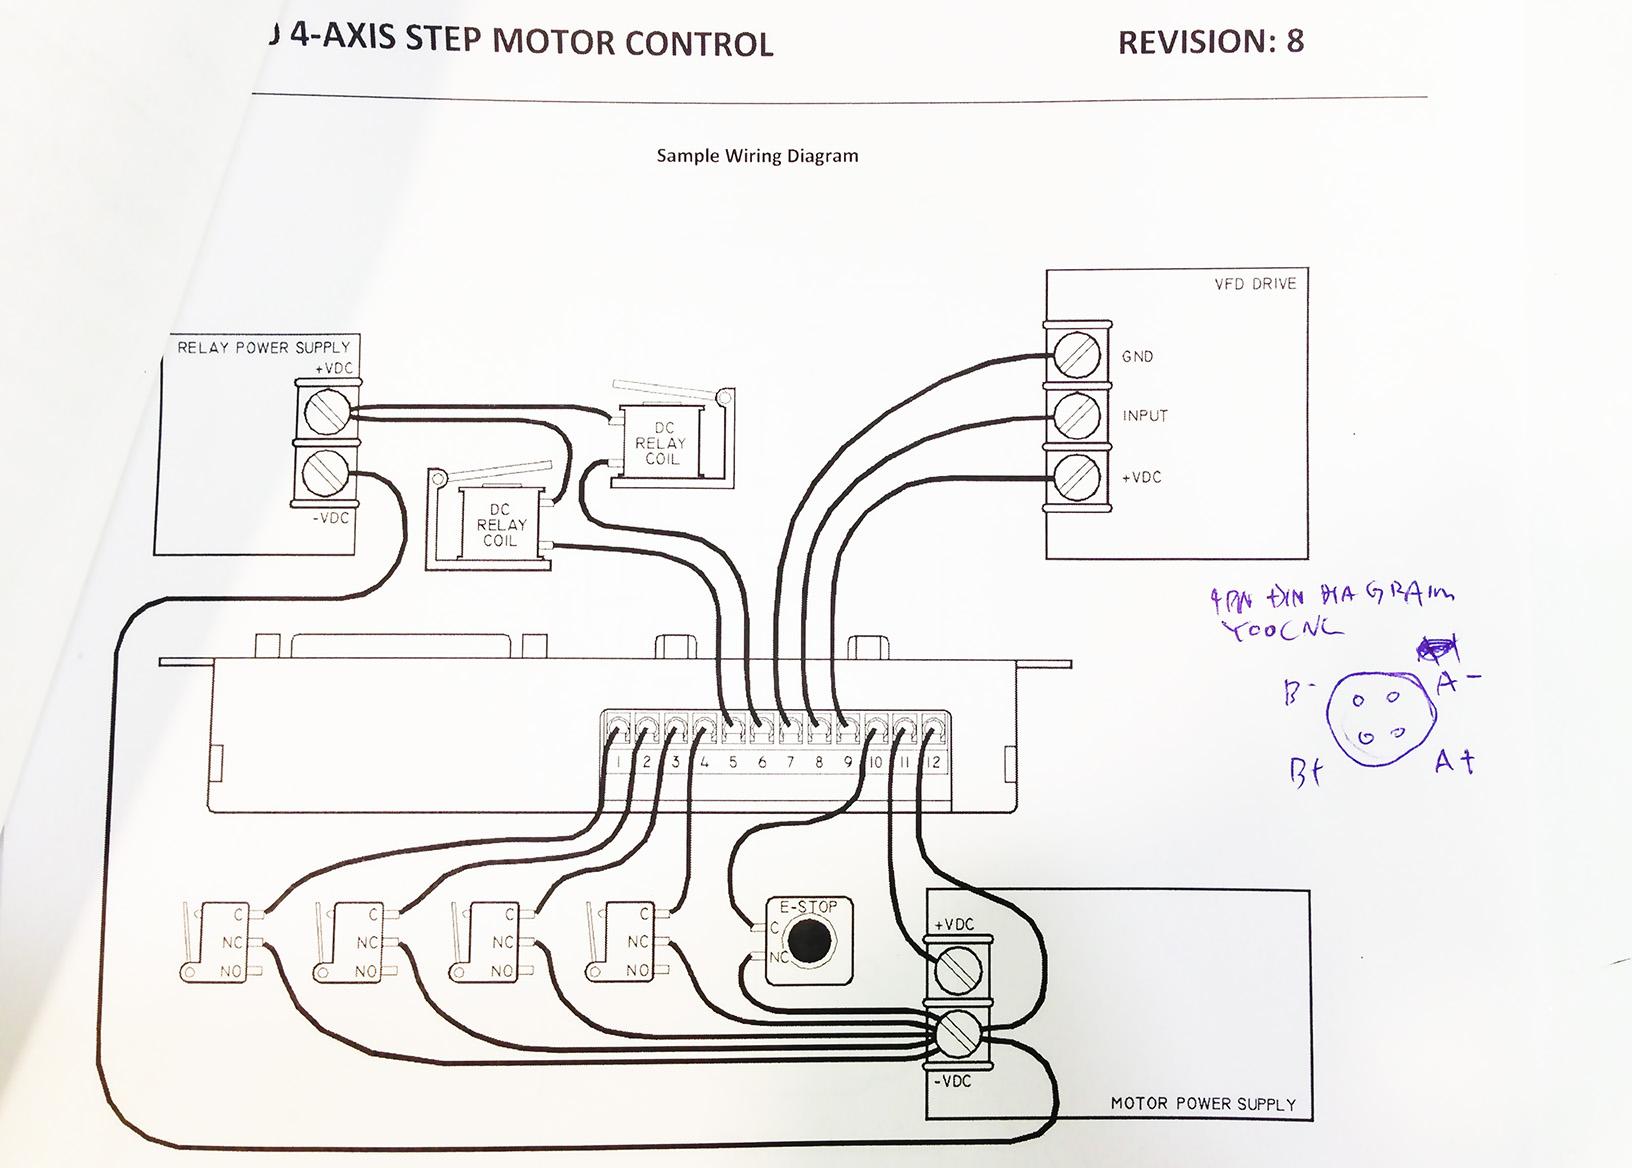 Gecko G540 Stepper Db9 Wiring Diagram. Electrical